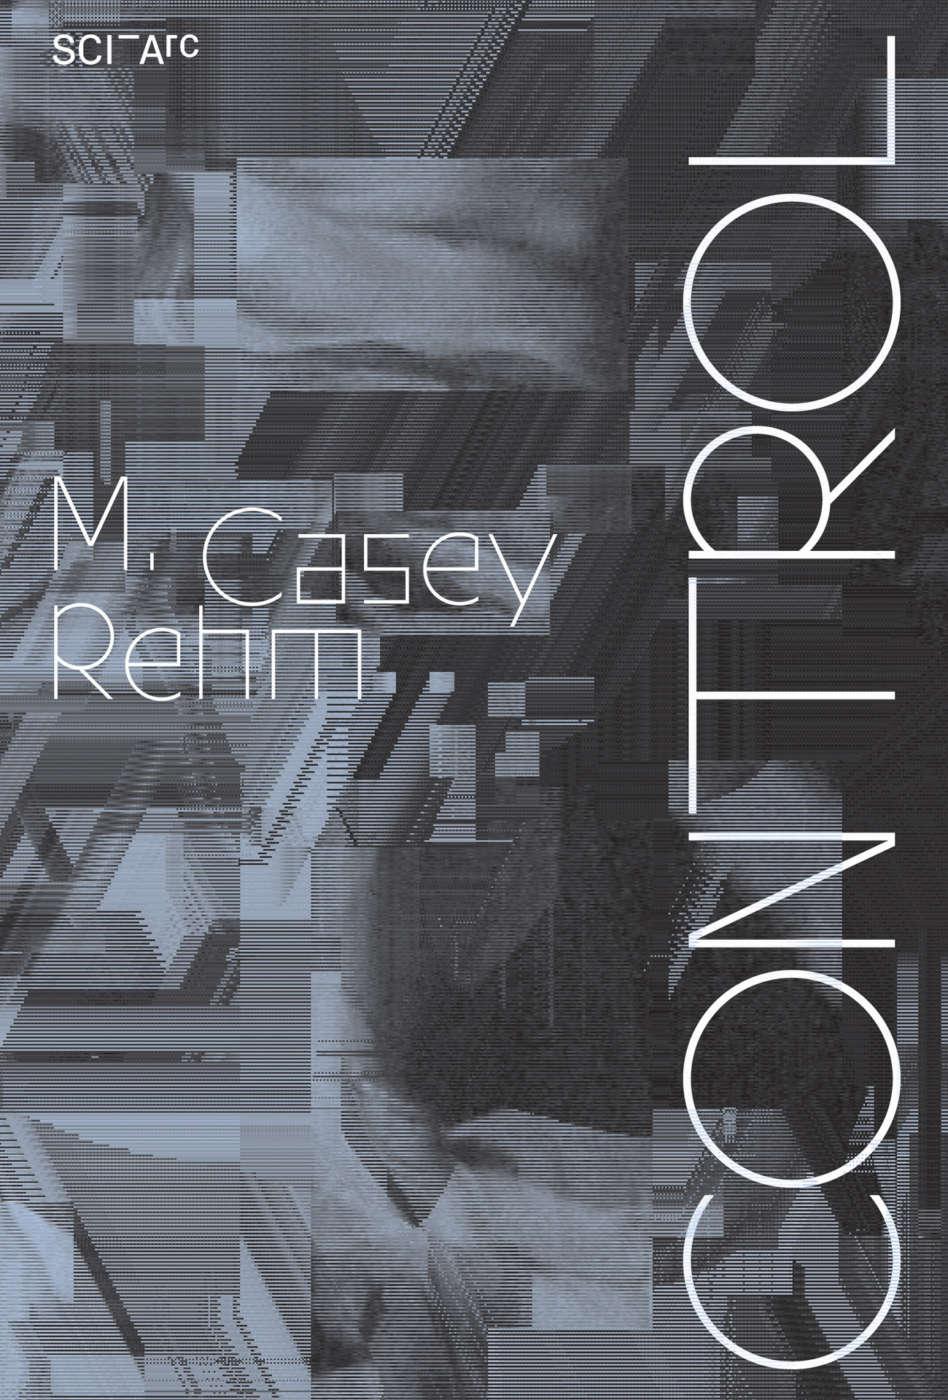 Casey Rehm Control